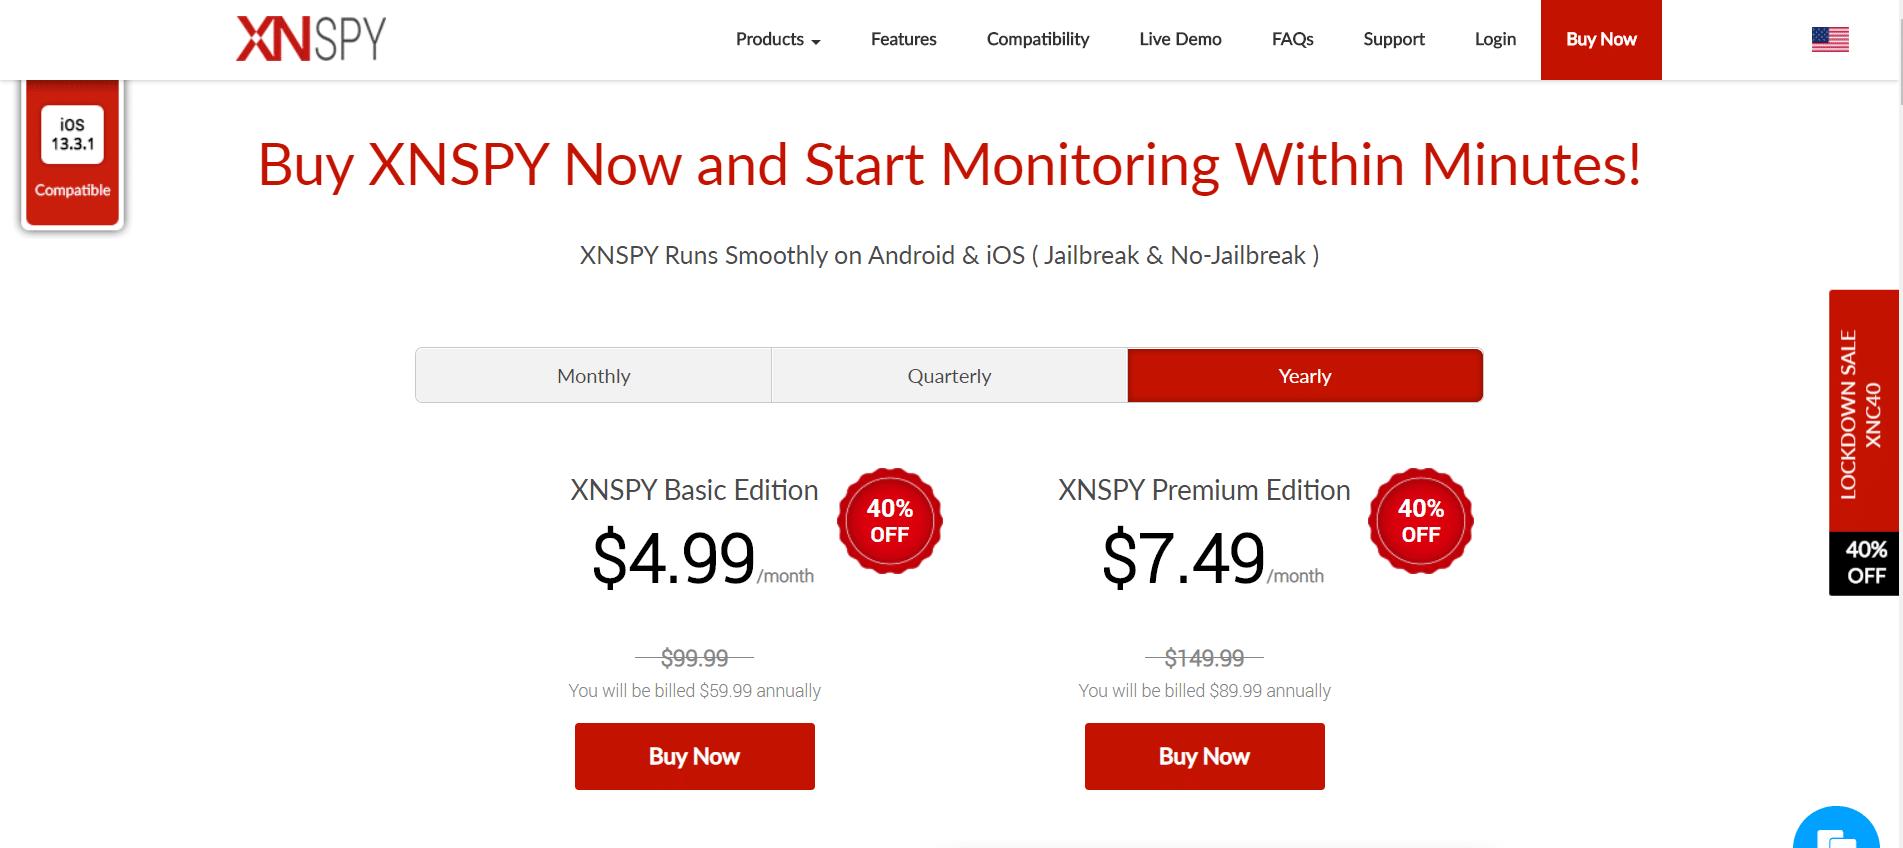 XNSPY price